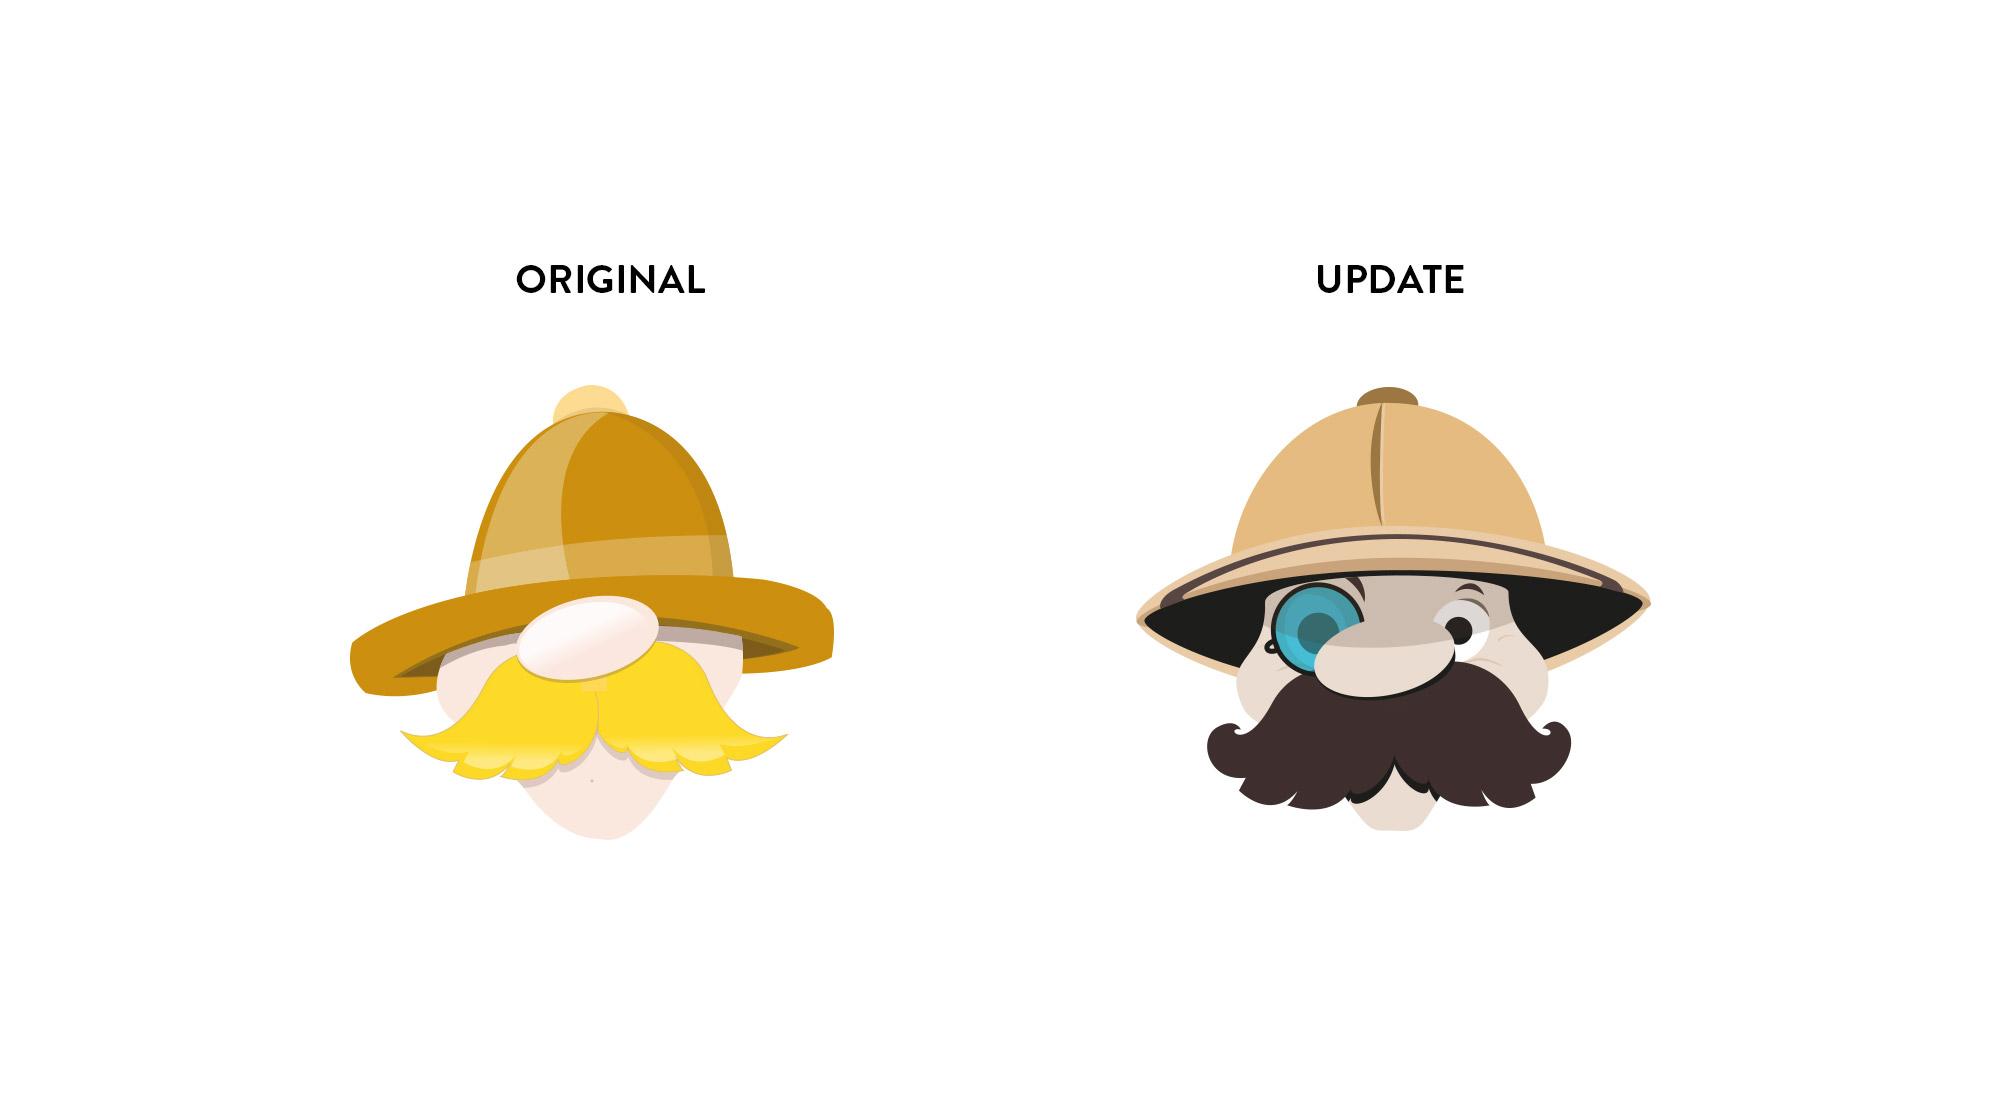 how to improve a logo design